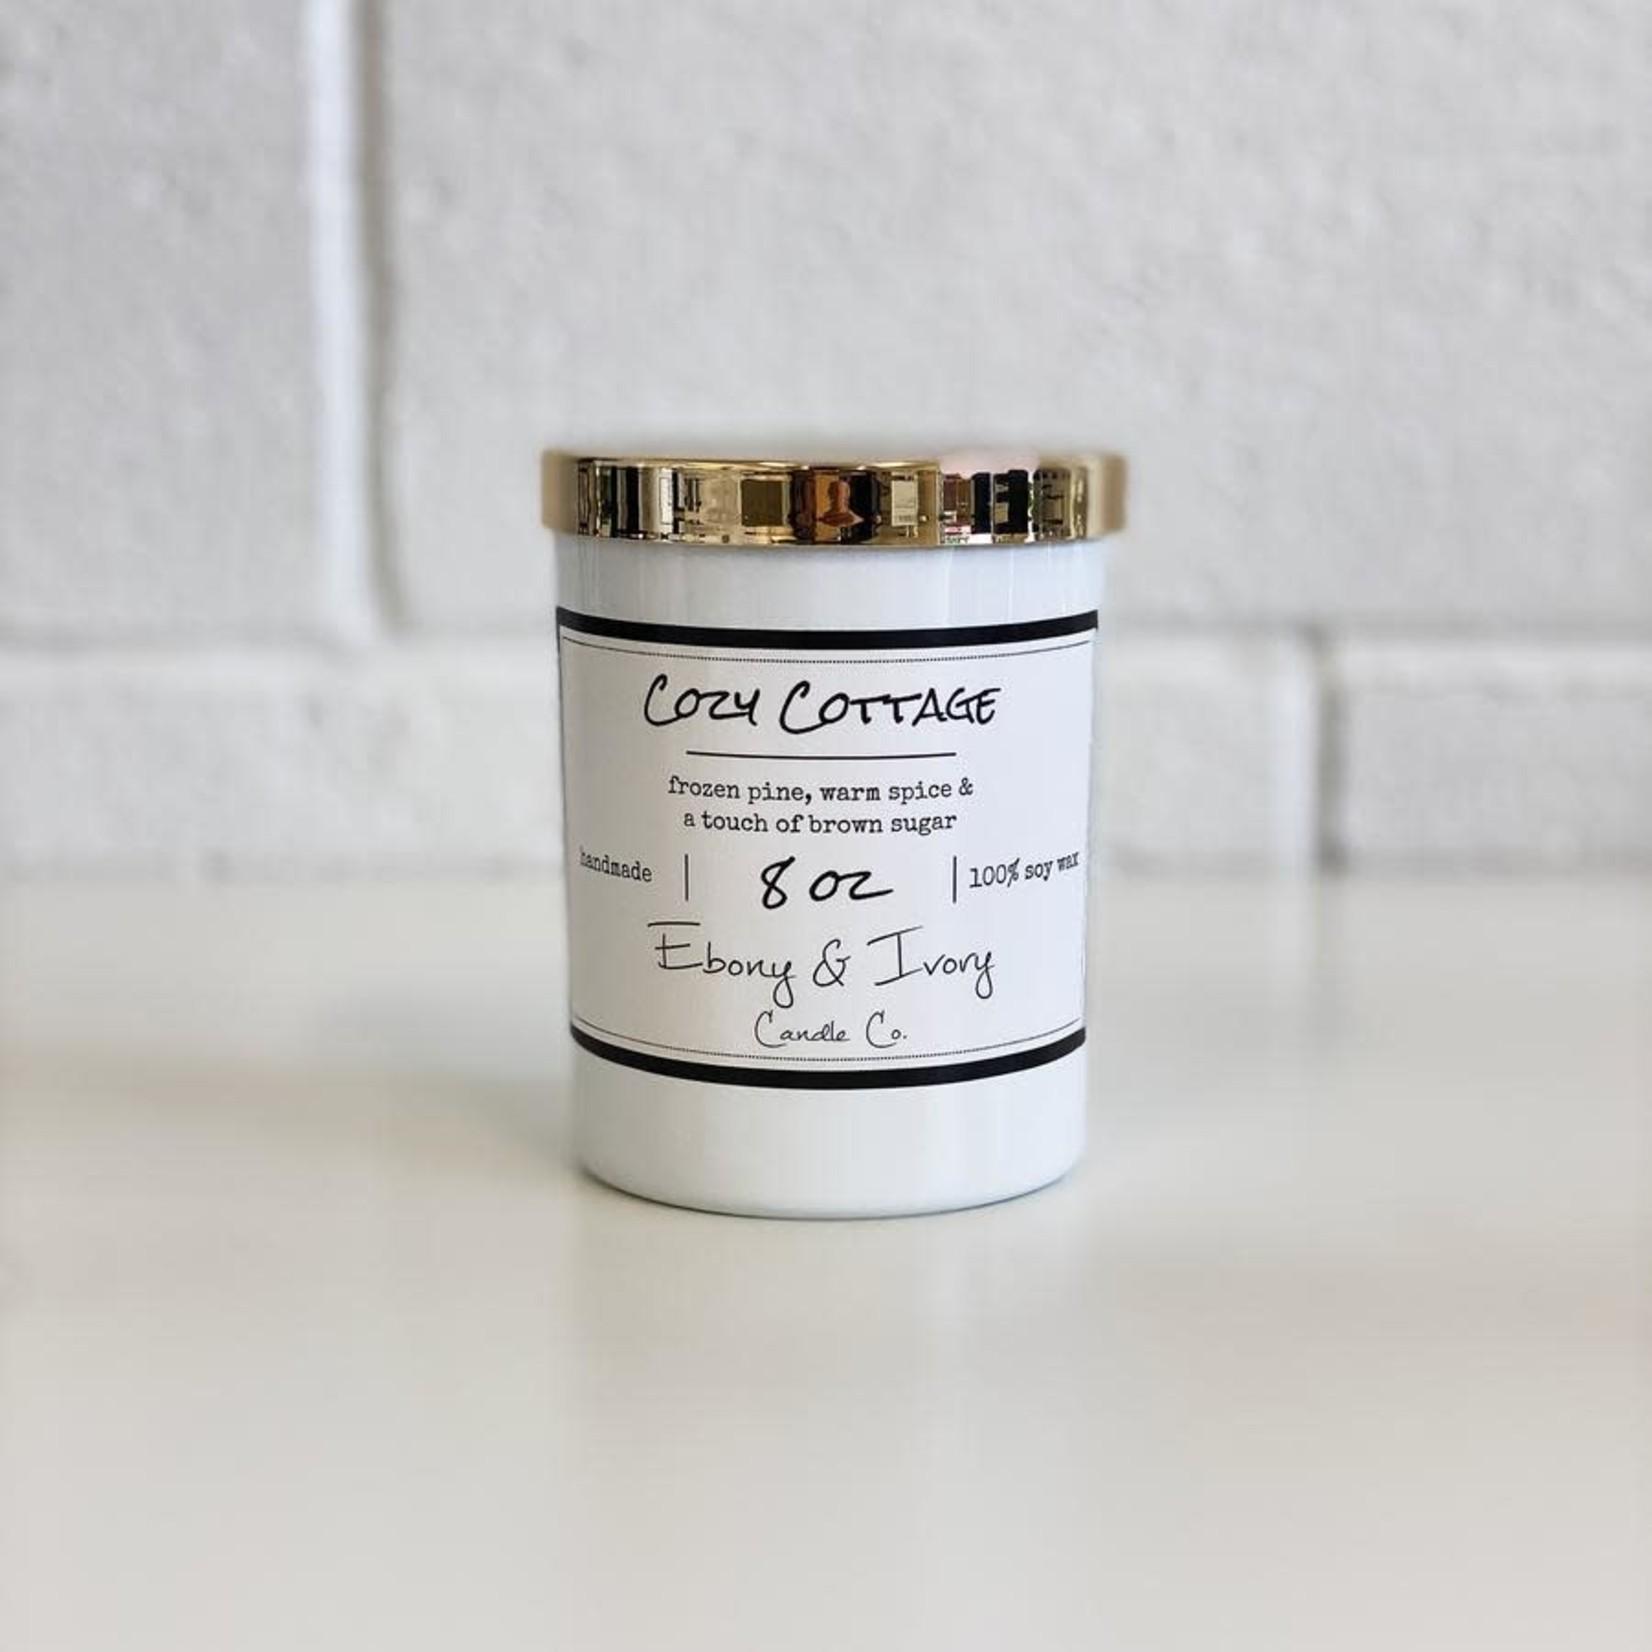 Ebony & Ivory Candle Co. - Cozy Cottage